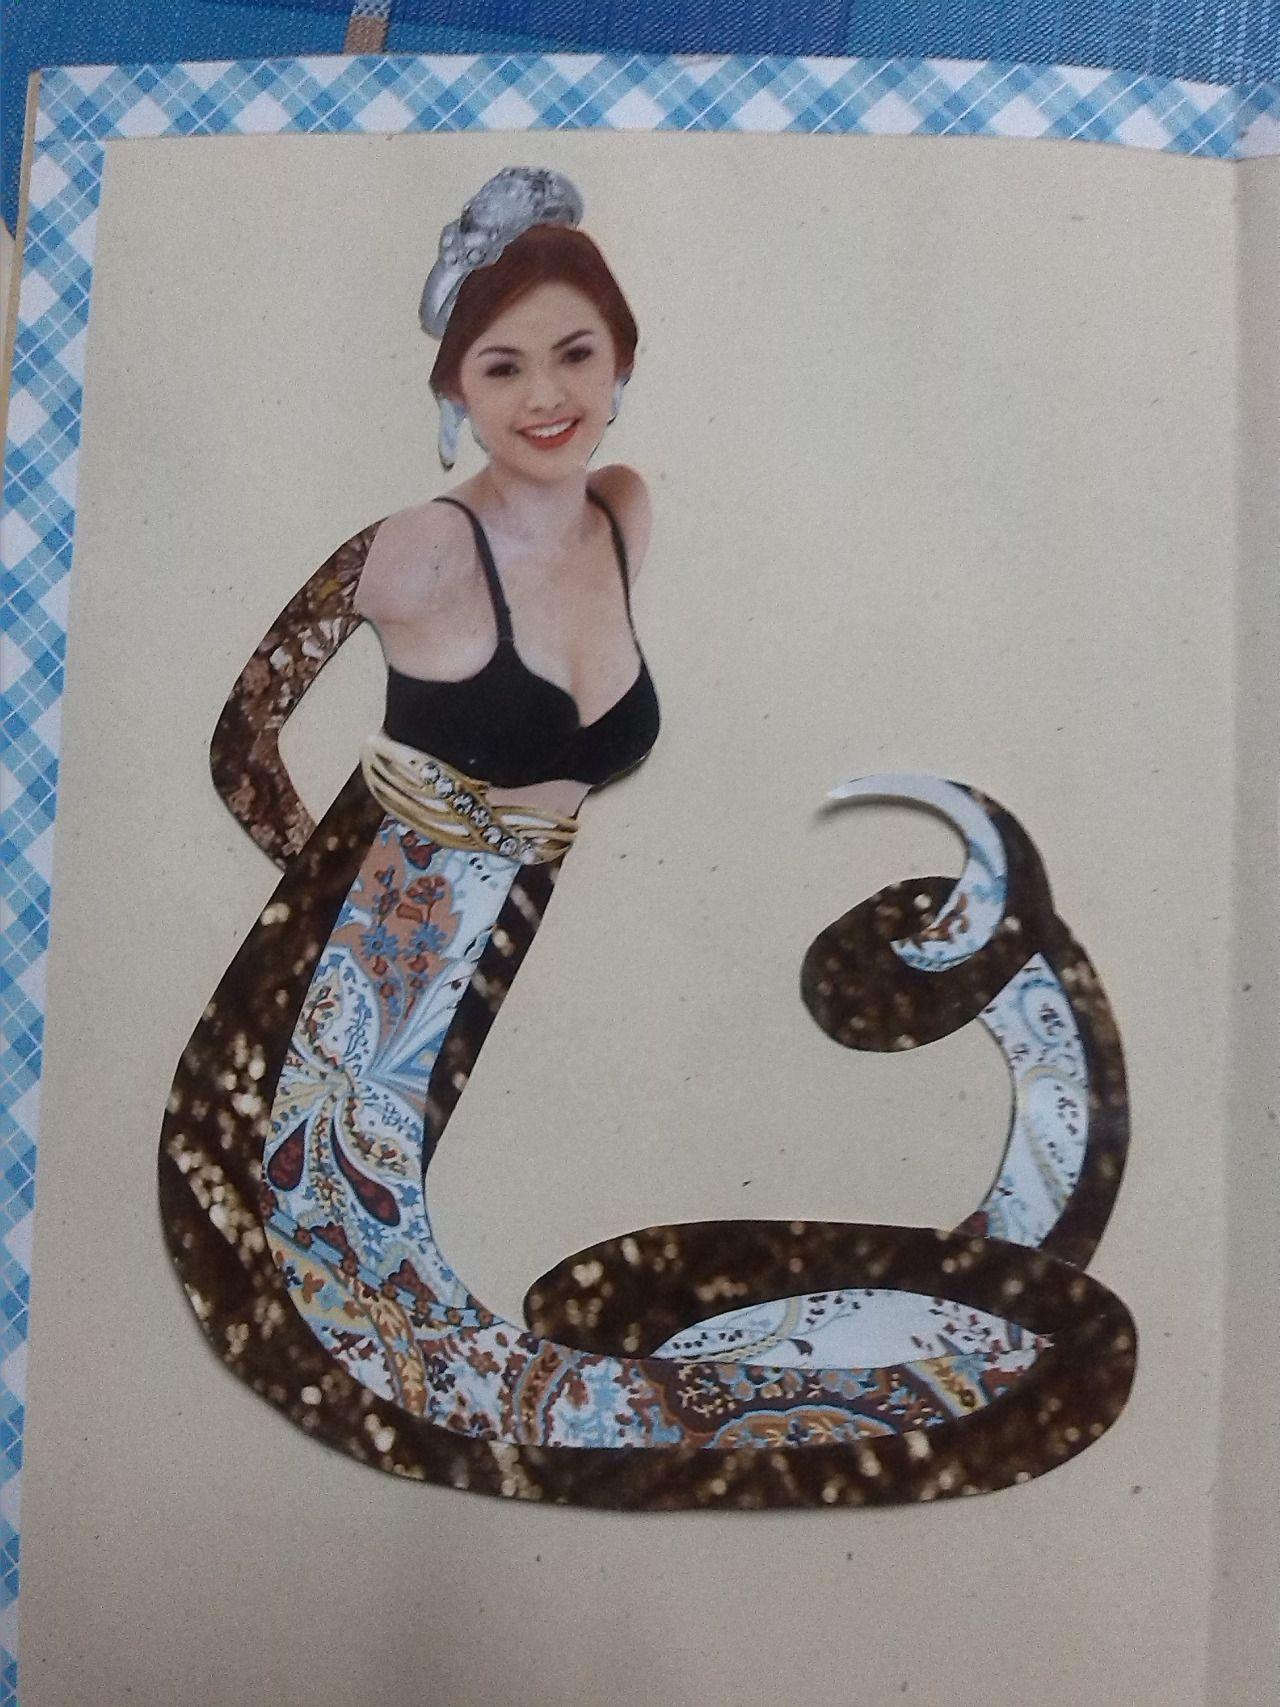 Snakewoman | neltotx